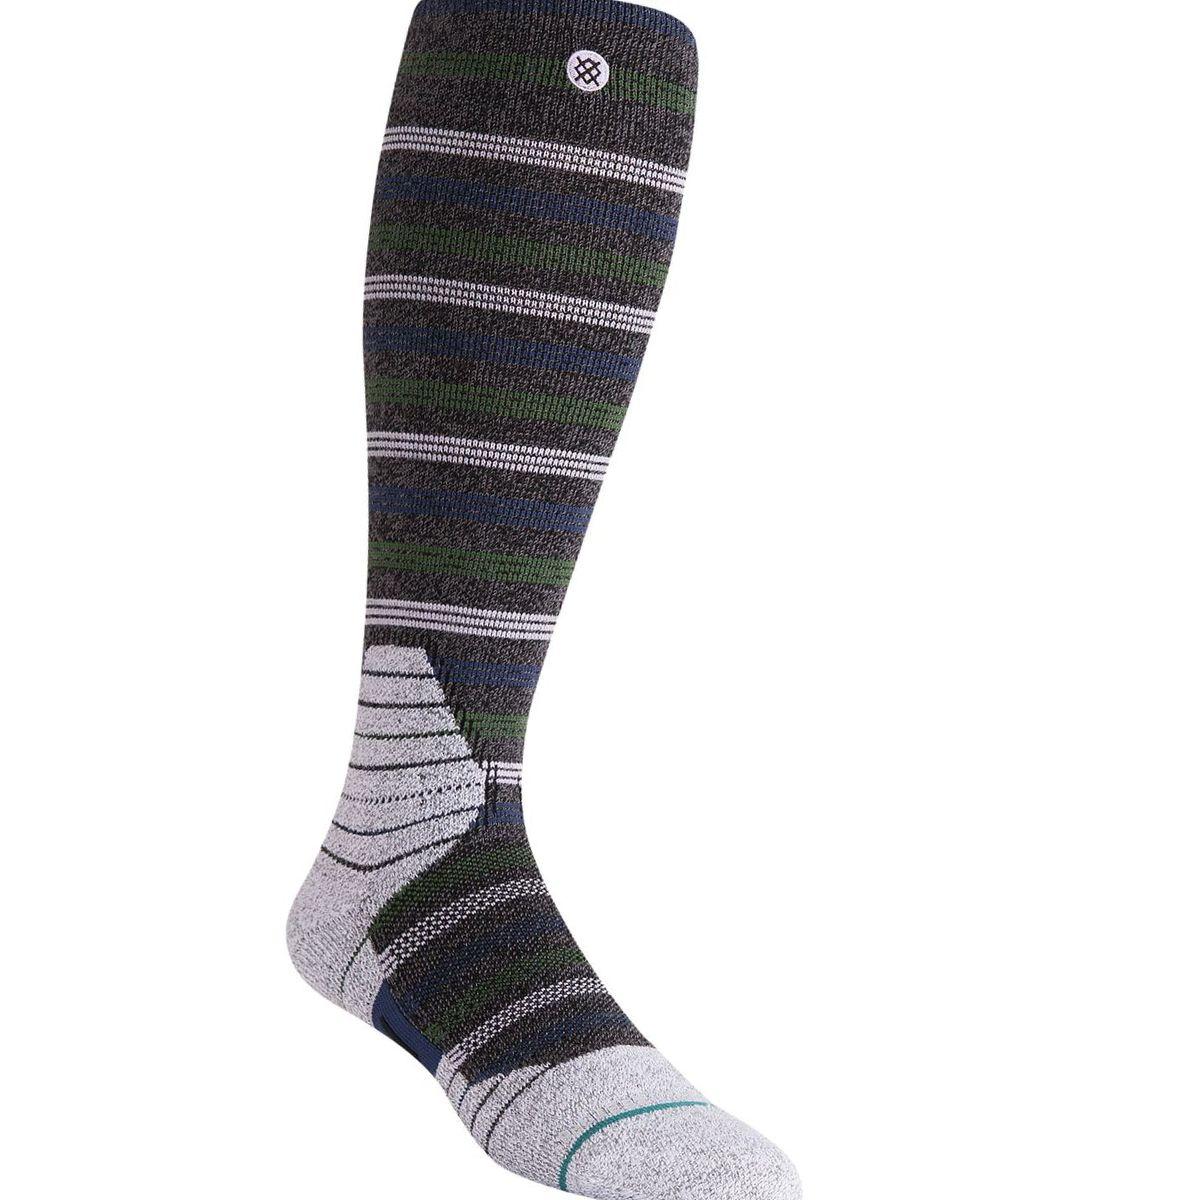 Stance Sammy Park Sock - Men's